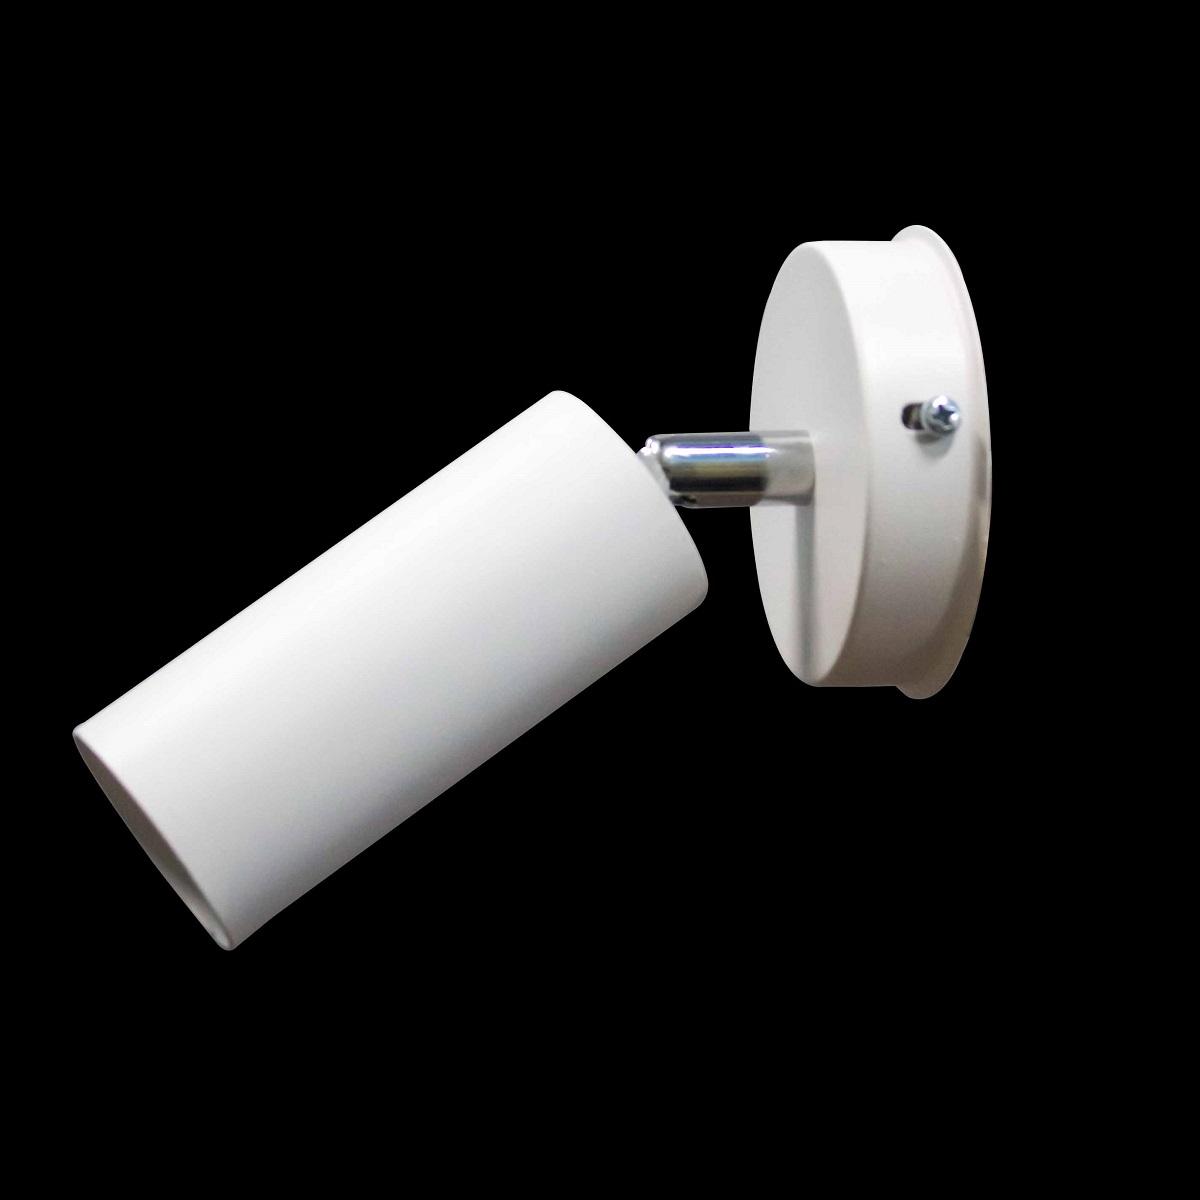 Светильники ЛОФТ - Люстра лофт потолочная с поворотным плафоном 000002762 - Фото 2